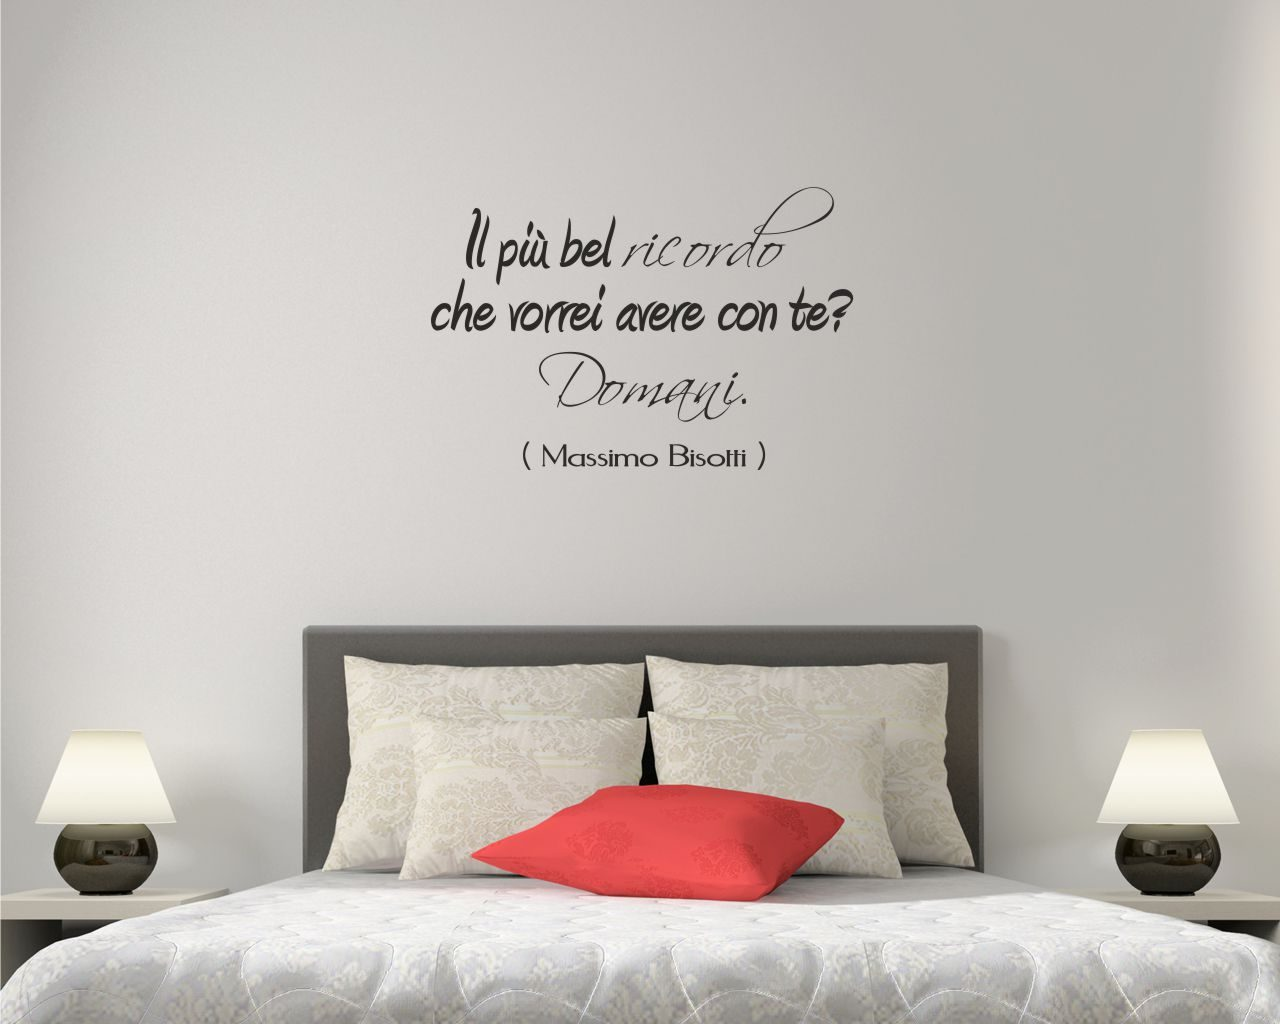 Il piu bel ricordo frasi aforismi citazioni adesivo murale - Adesivi murali per camera da letto ...